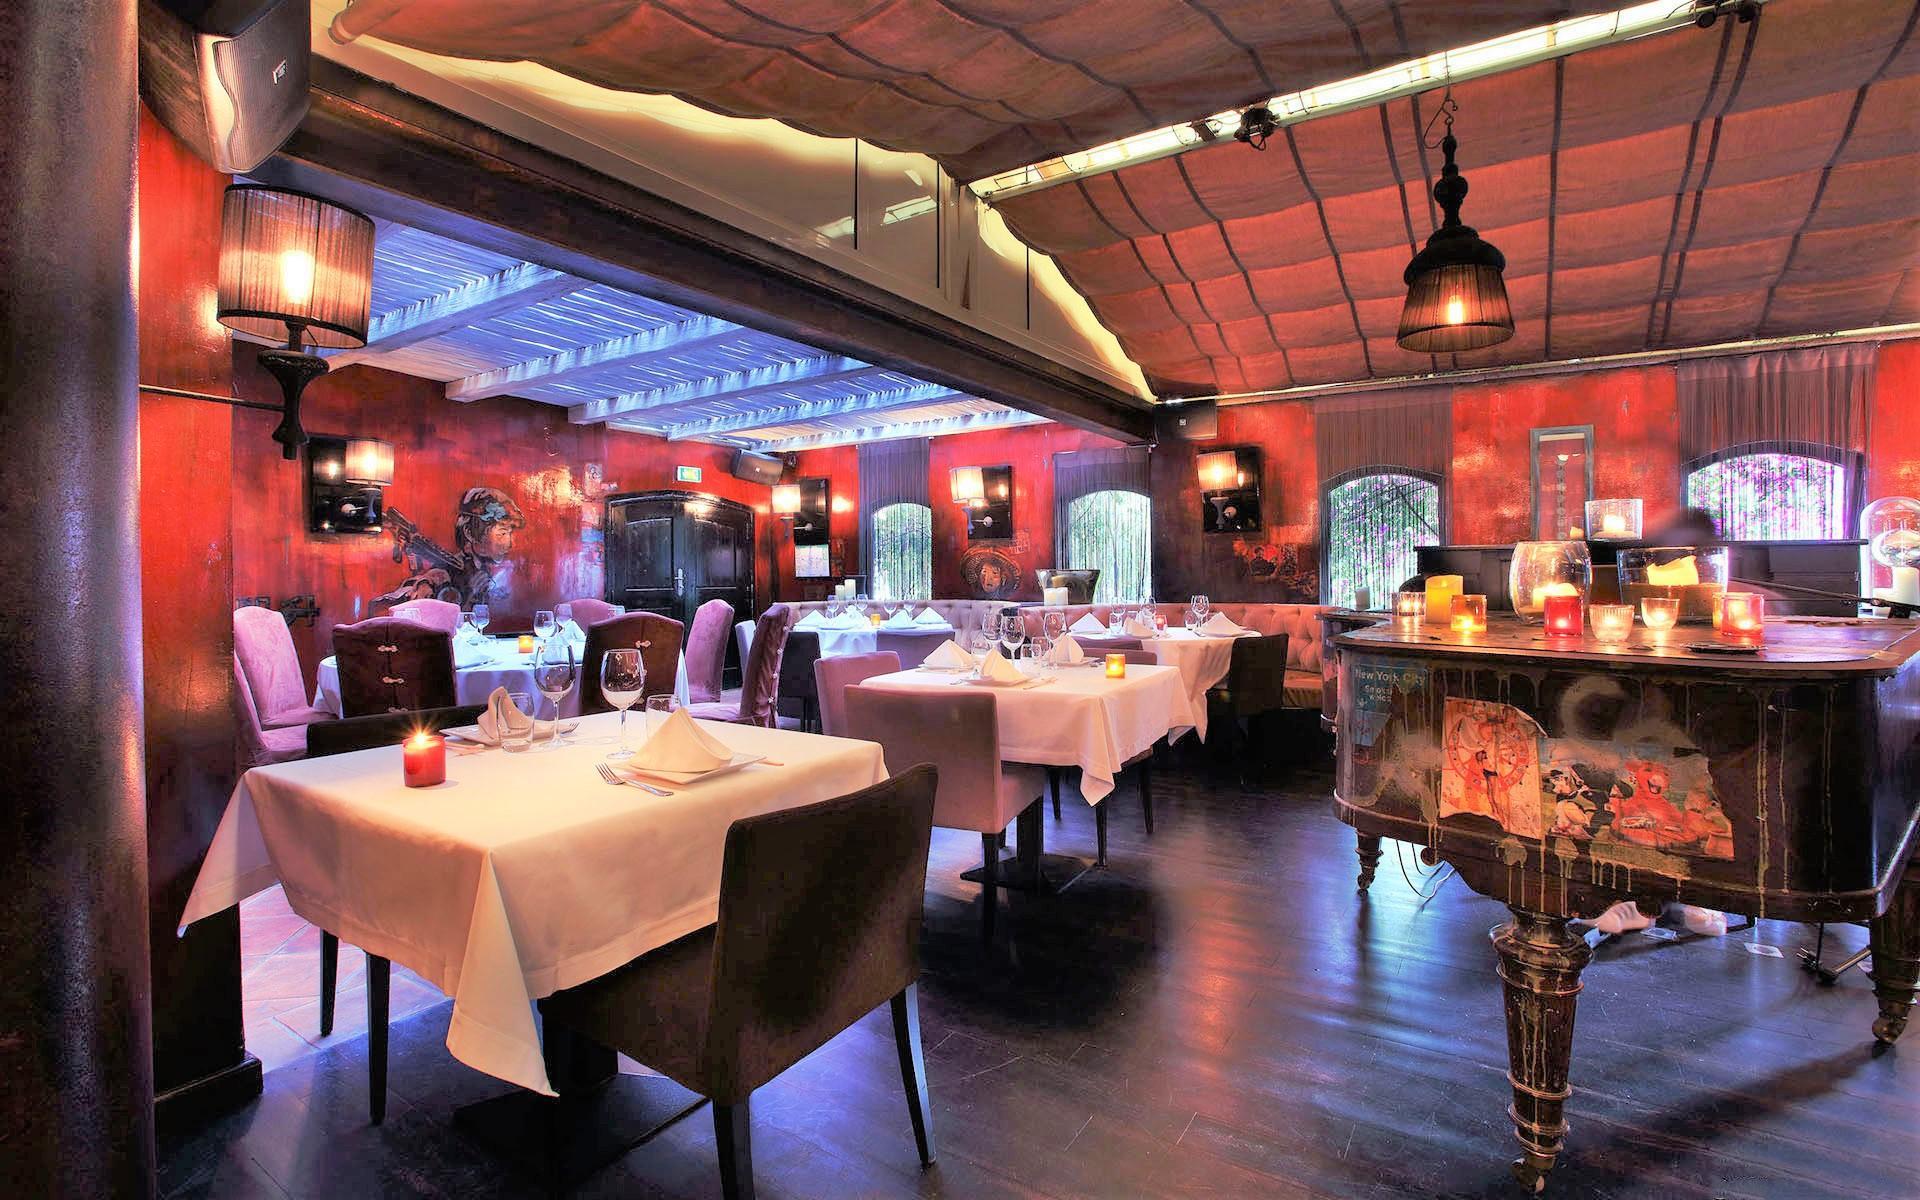 saint-amour-la-tartane-saint-tropez-restaurant-provence-369°-101-seminaires-de-caractere